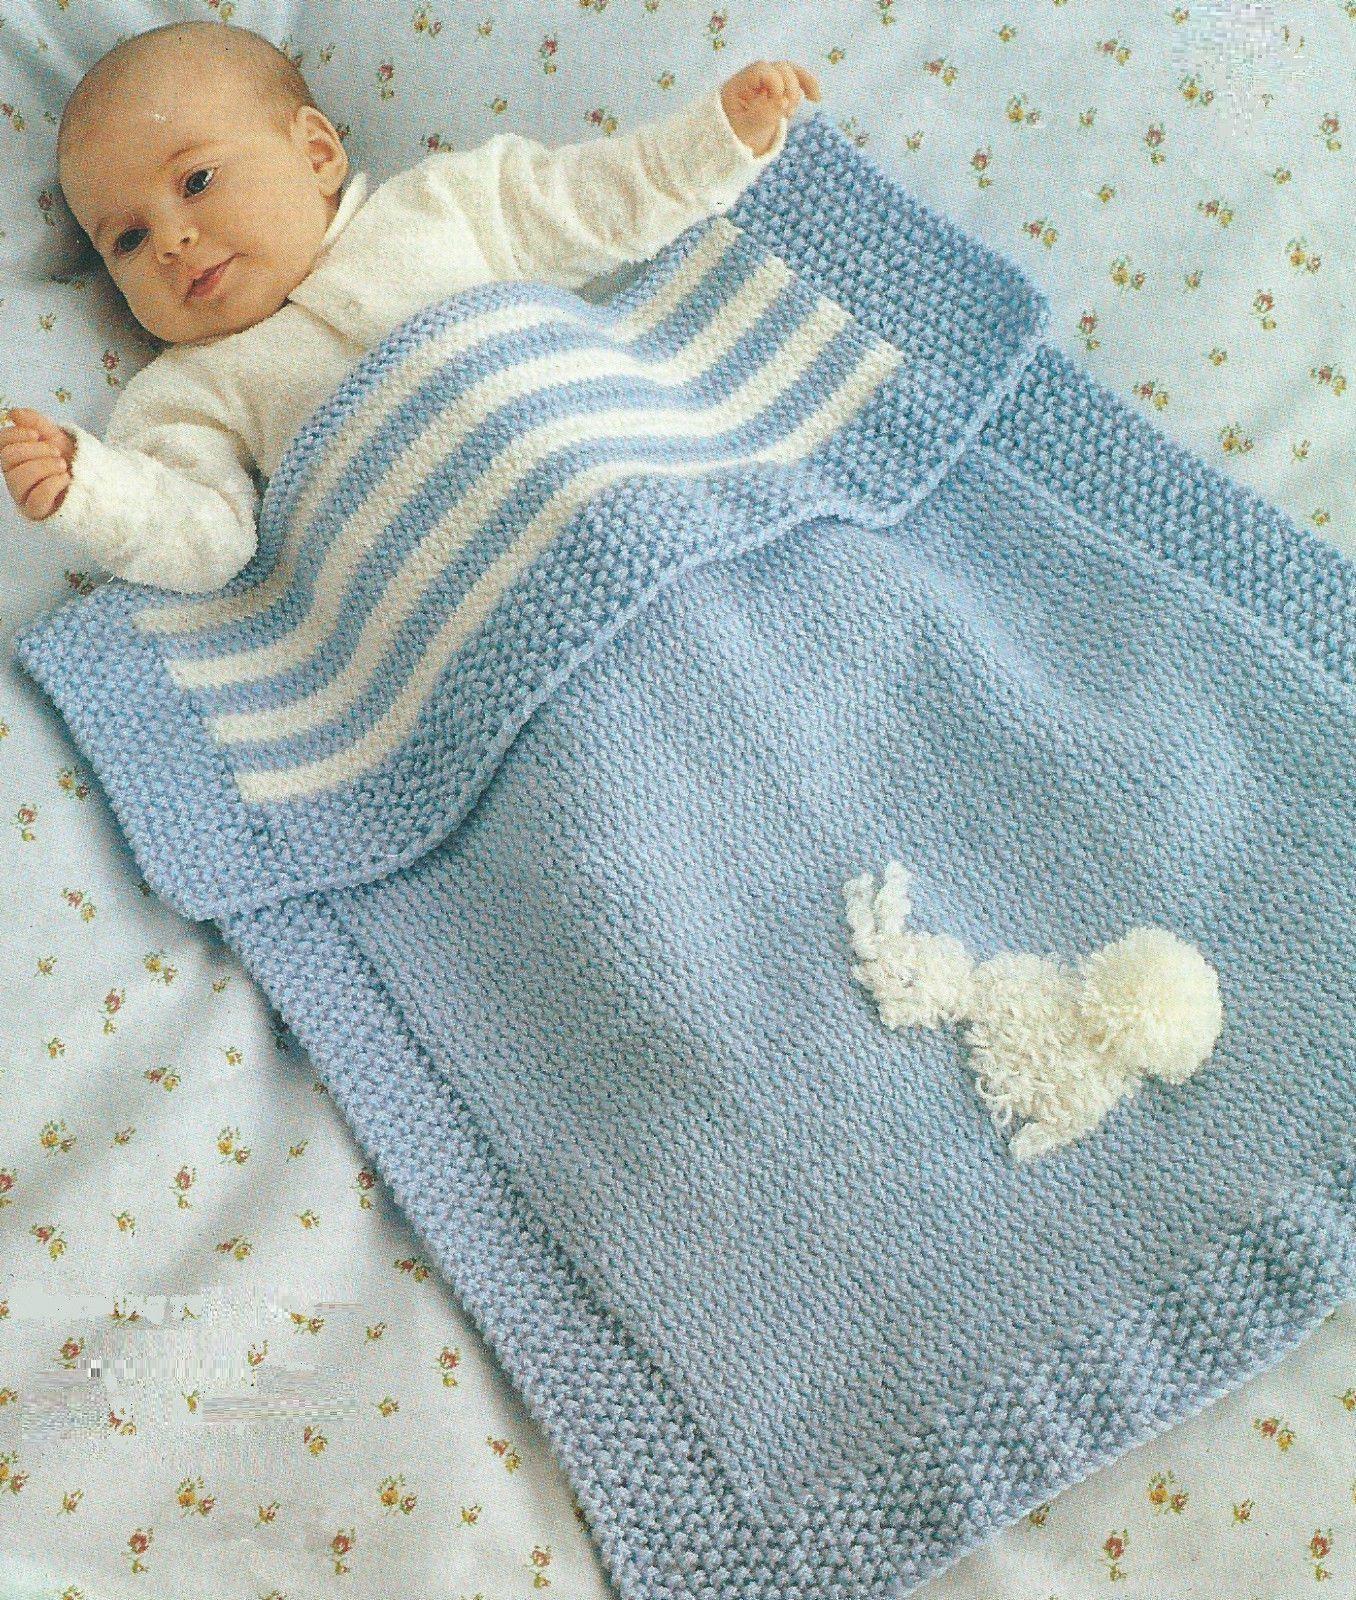 Baby Blanket Knitting Pattern Pram Cover DK Easy Knit 296 | Knitting ...